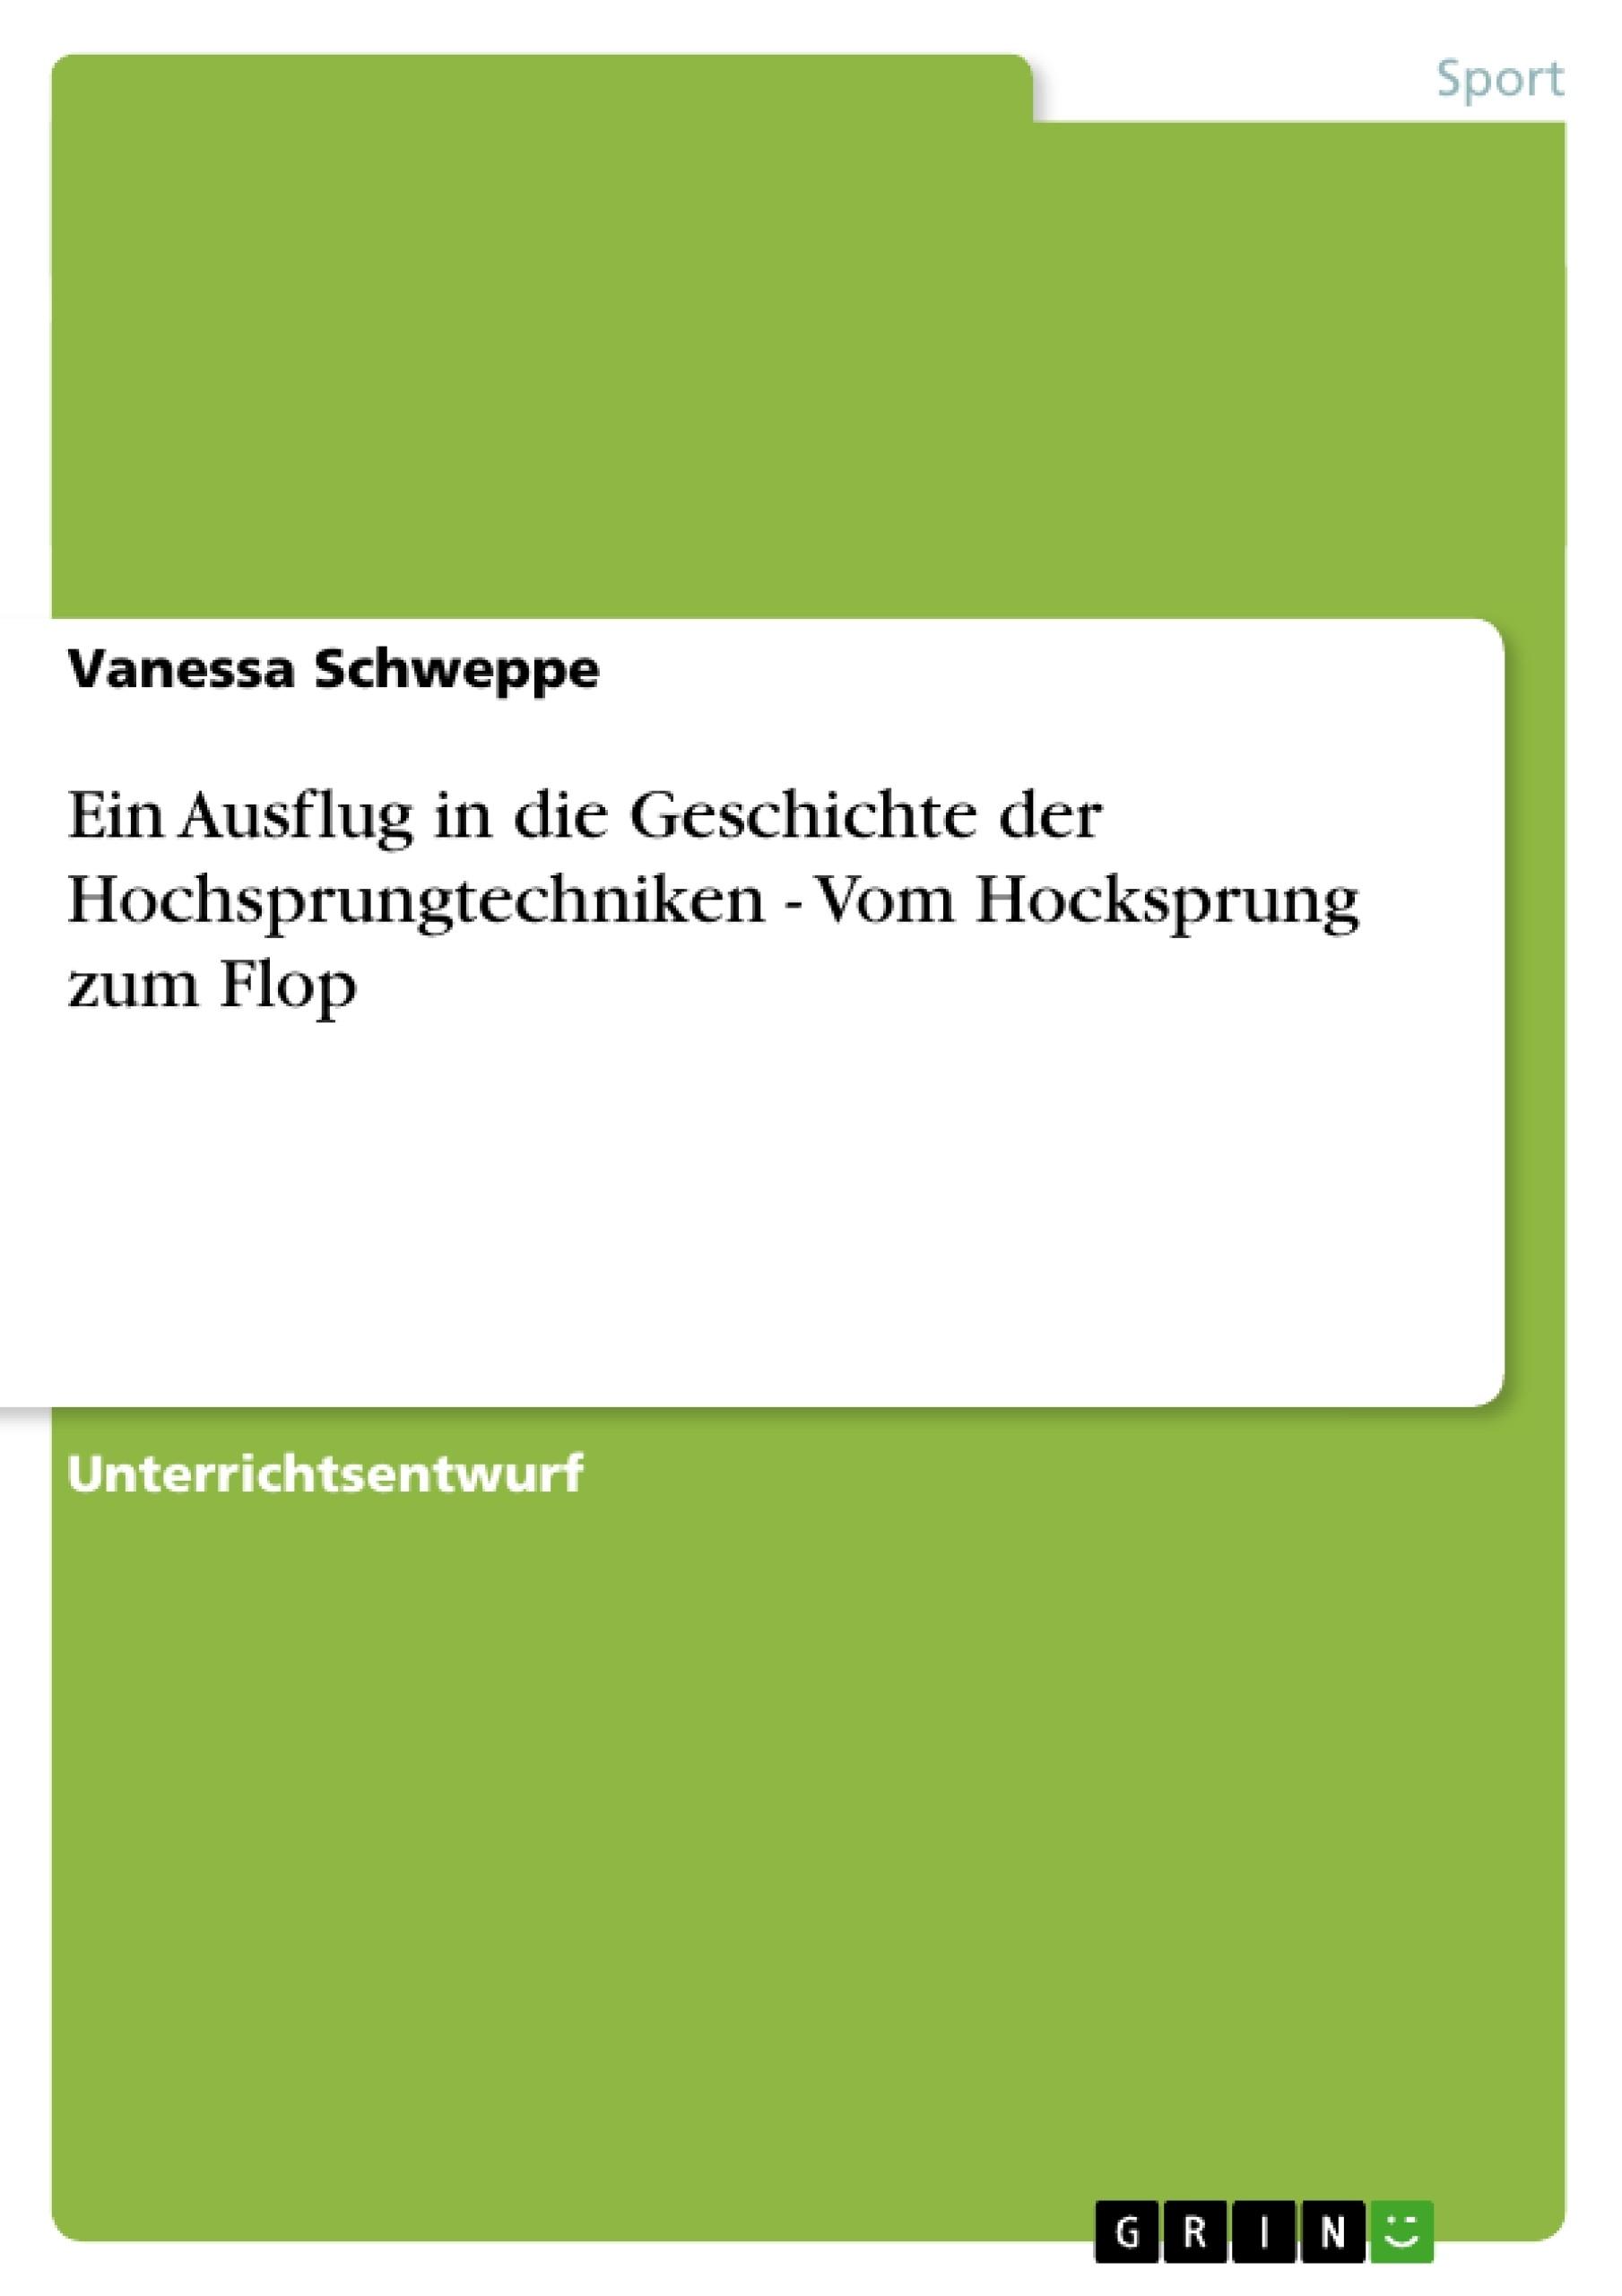 Titel: Ein Ausflug in die Geschichte der Hochsprungtechniken - Vom Hocksprung zum Flop